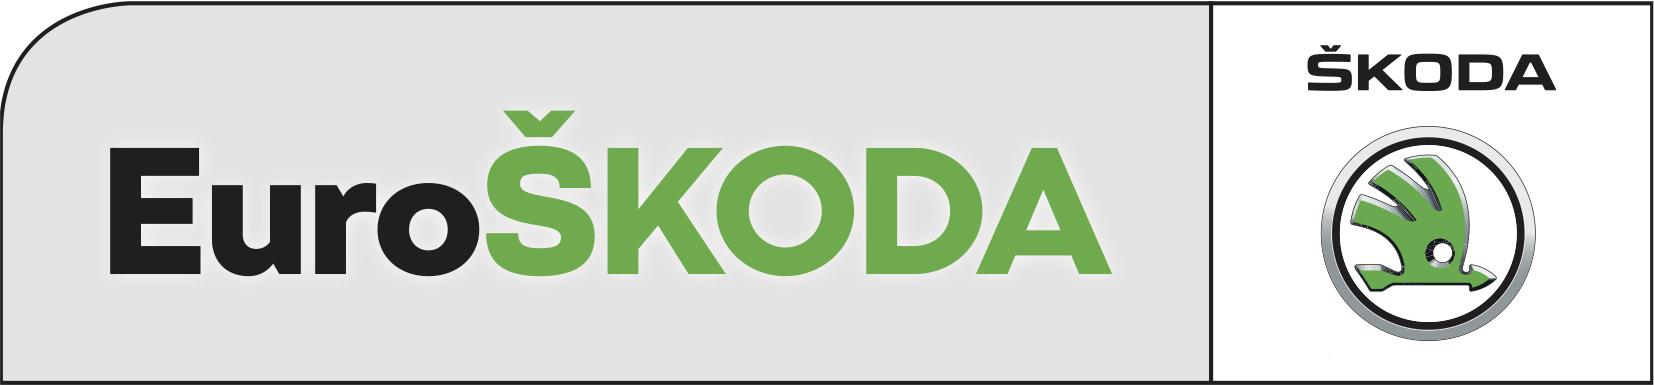 JCB ŠKODA Logo